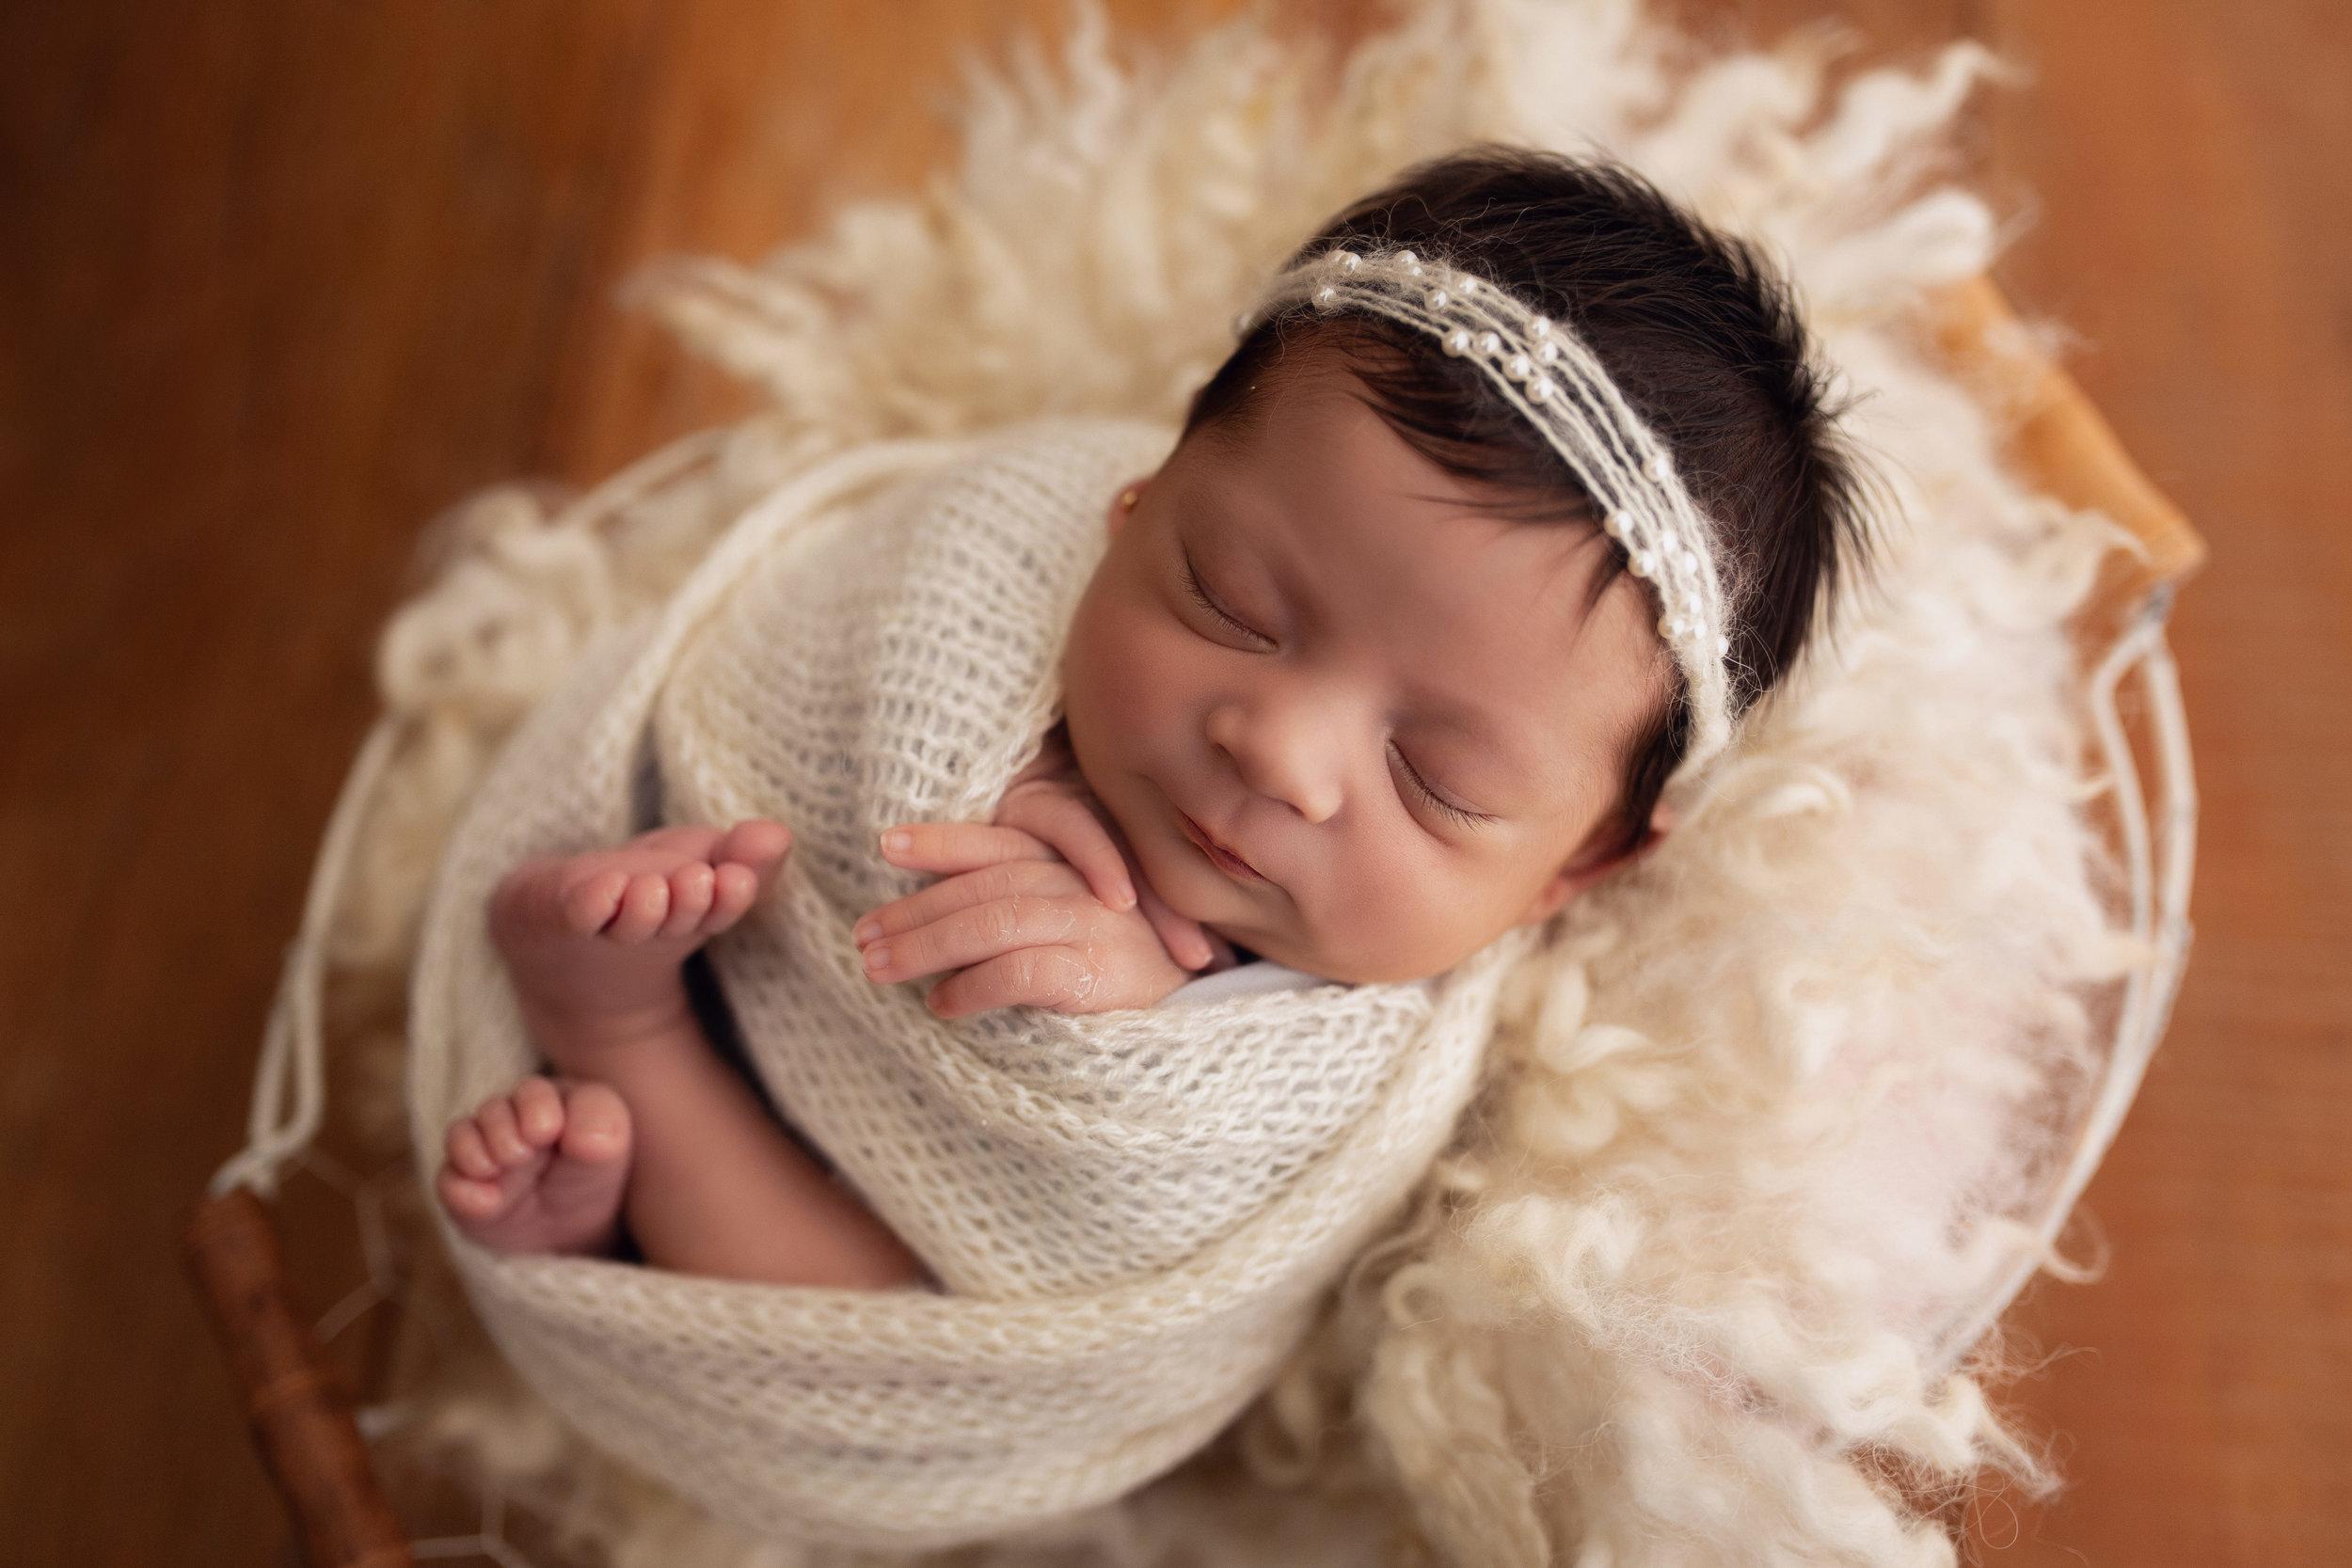 ensaio-newborn-fotografia-rio-de-janeiro-rj-barra-da-tijuca-estudio-em-casa-domicilio-perinatal-laranjeiras-zona-sul-sao-paulo-sp-rogerio-leandro-dr-workshop-mentoria-vip-melhor-3.jpg